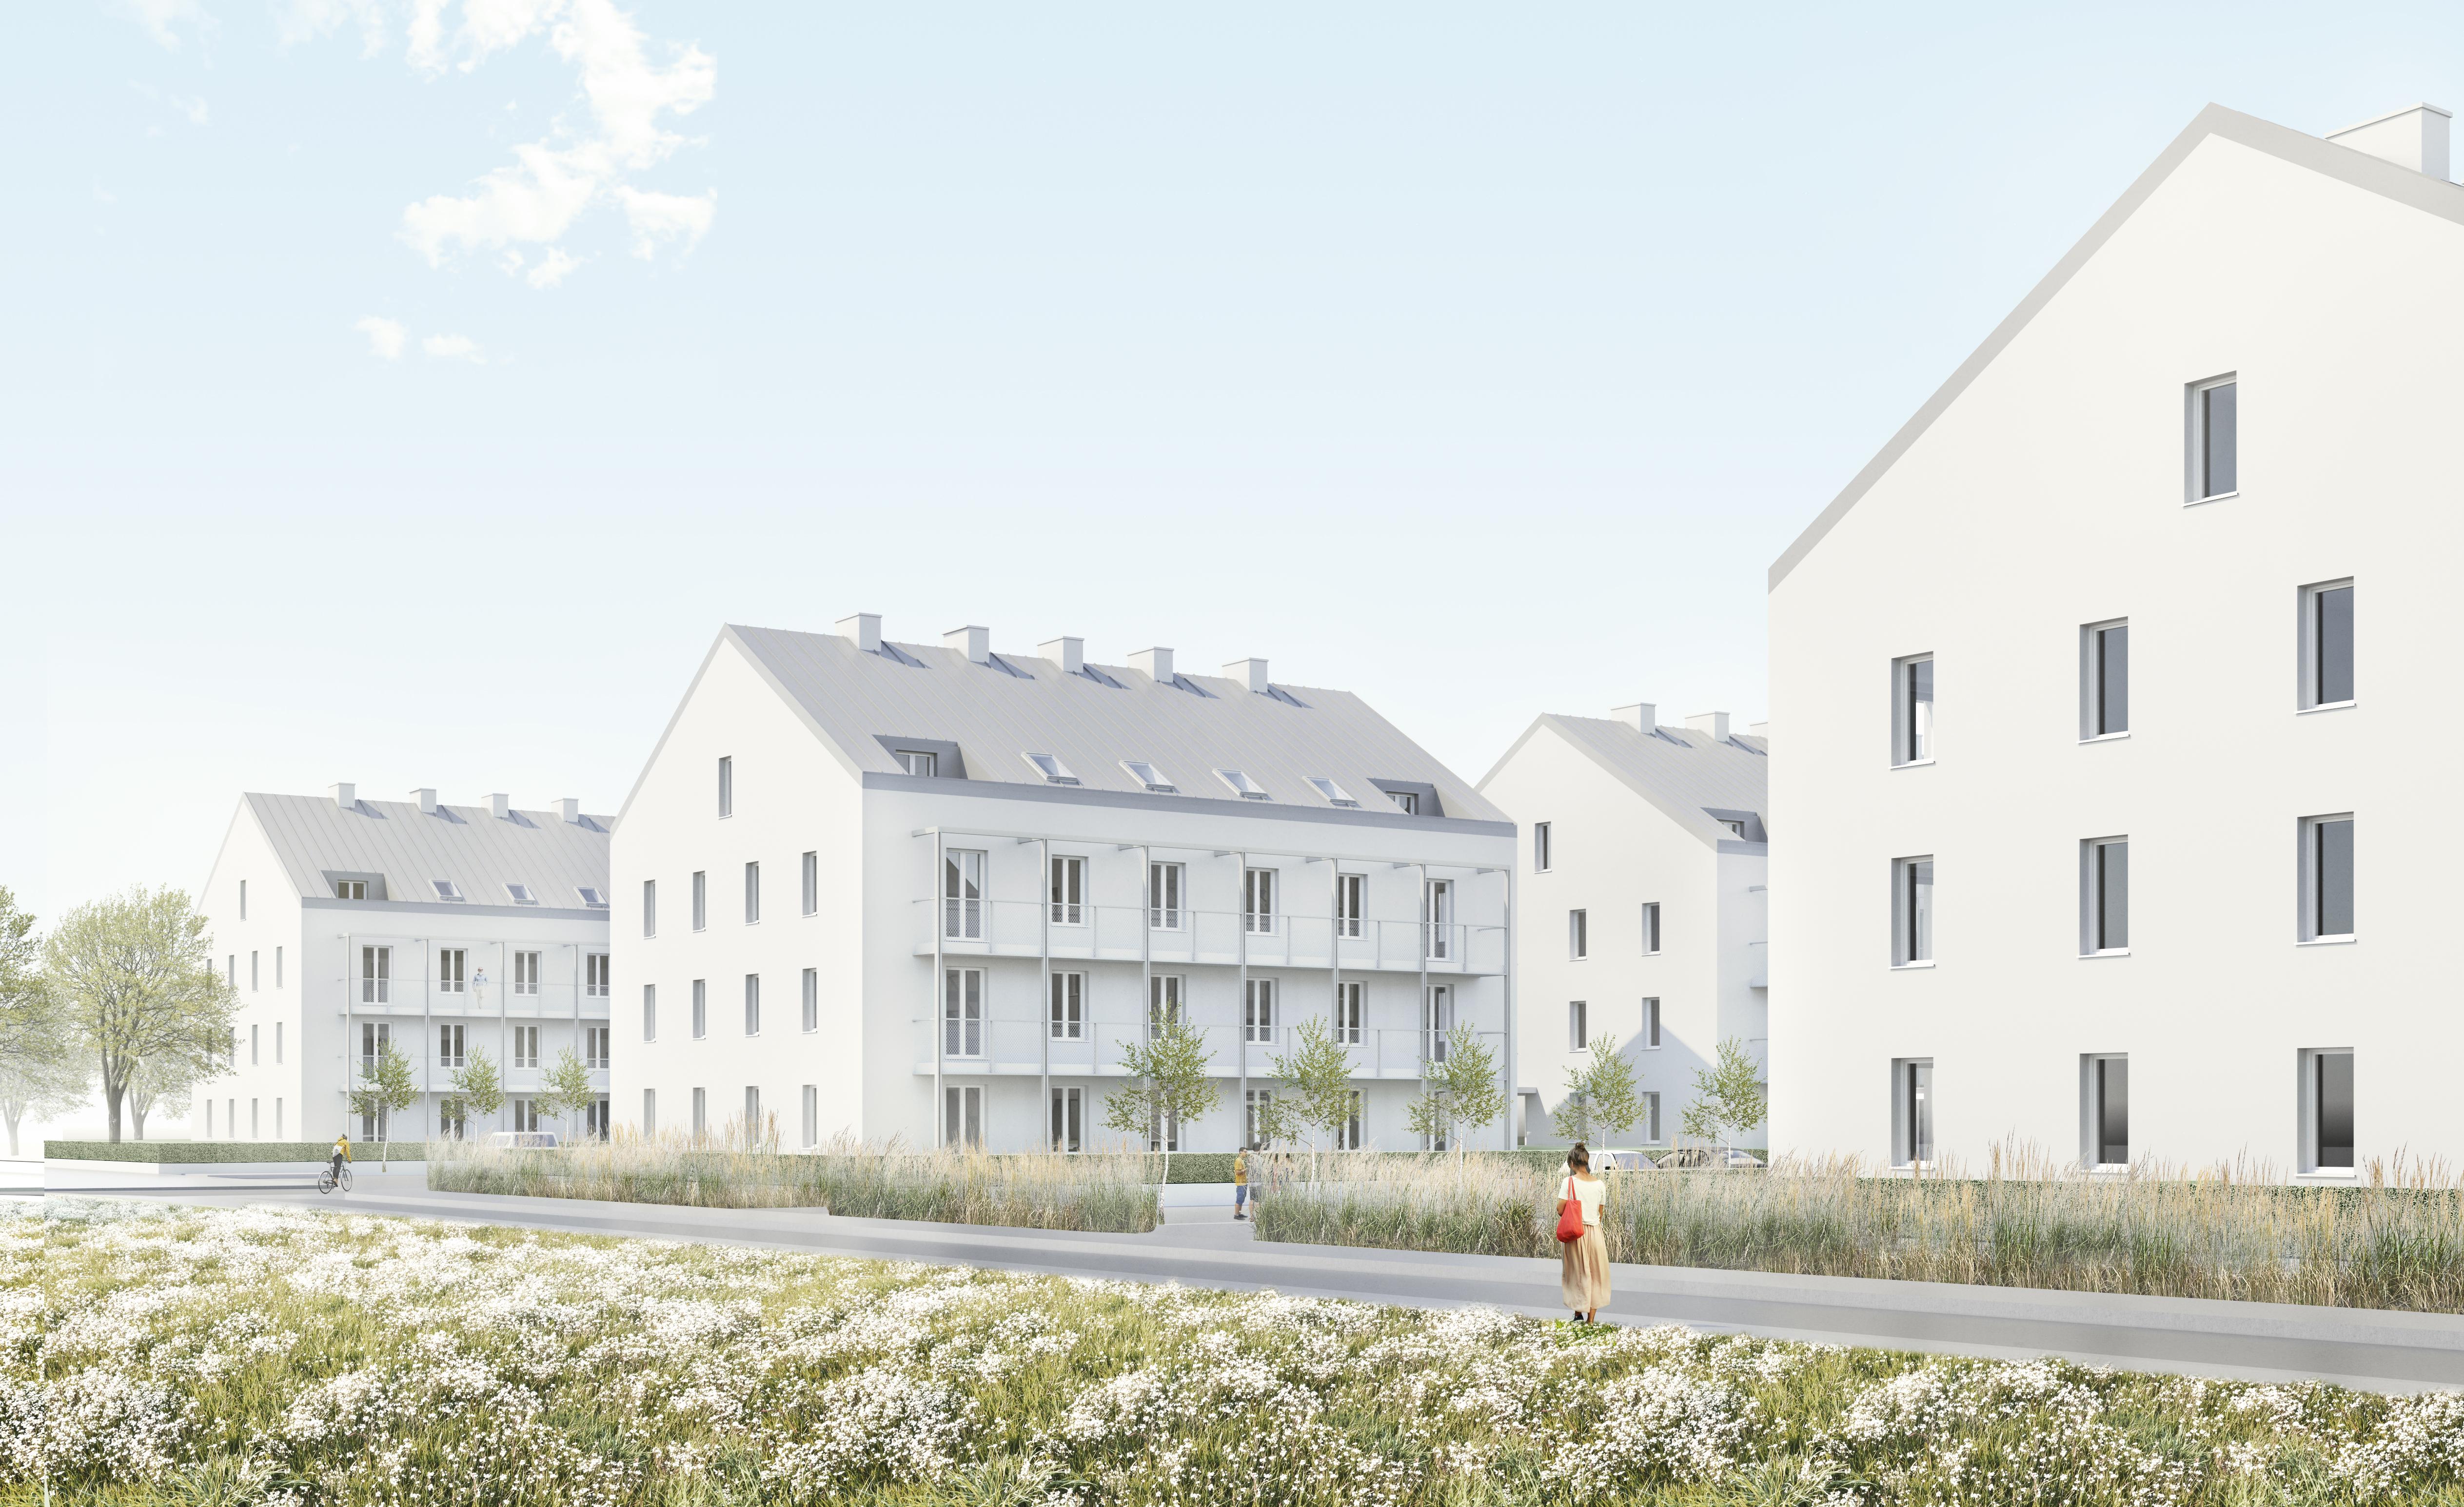 Mieszkanie Plus na Lubelszczyźnie cieszy się dużym zainteresowaniem. W Zamościu na niespełna hektarowej działce powstanie osiedle z sześcioma, trzypiętrowymi blokami, które pomieści 96 mieszkań od jedno- do czteropokojowych. (Ilustracja: mieszkanieplus.gov.pl)